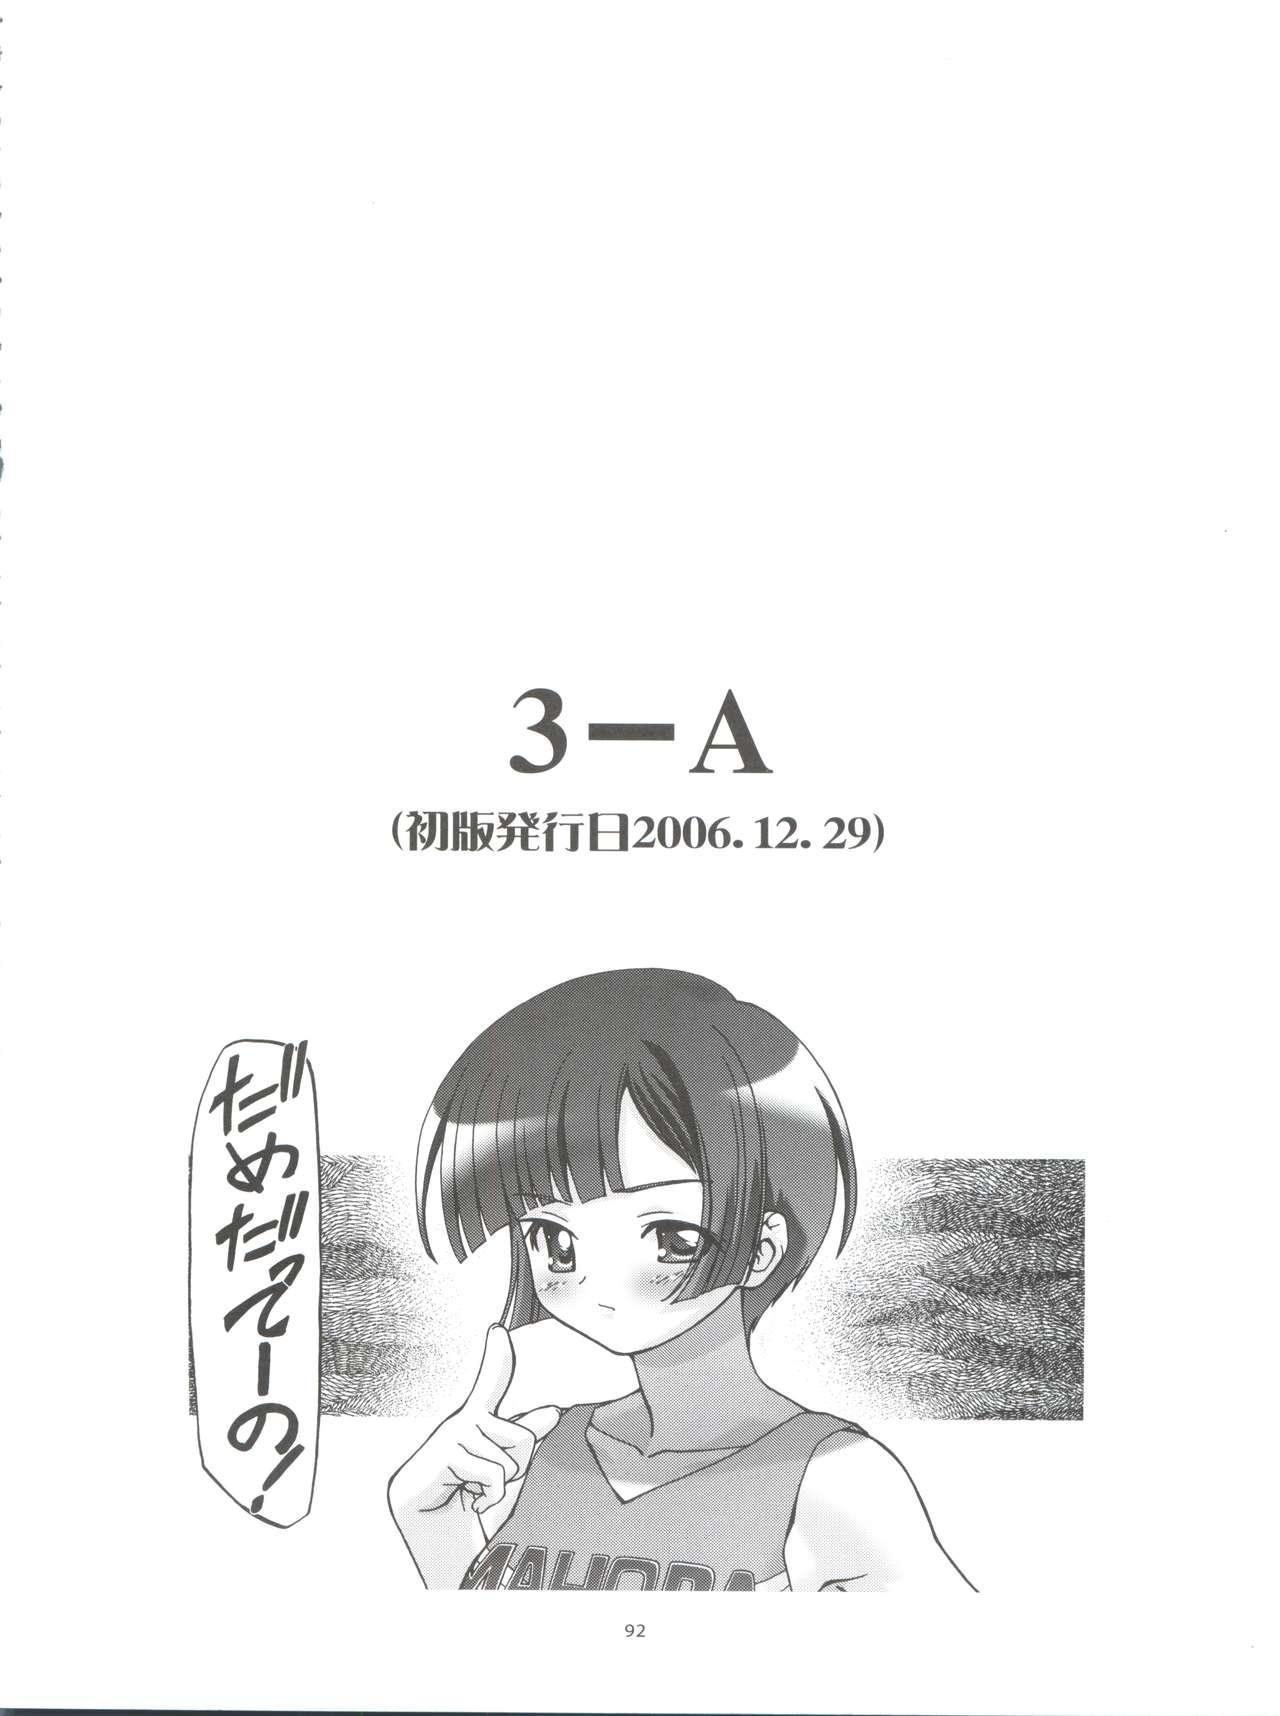 Mahora Gakuen Tyuutoubu 3-A Soushuuhen Vol. 1 90